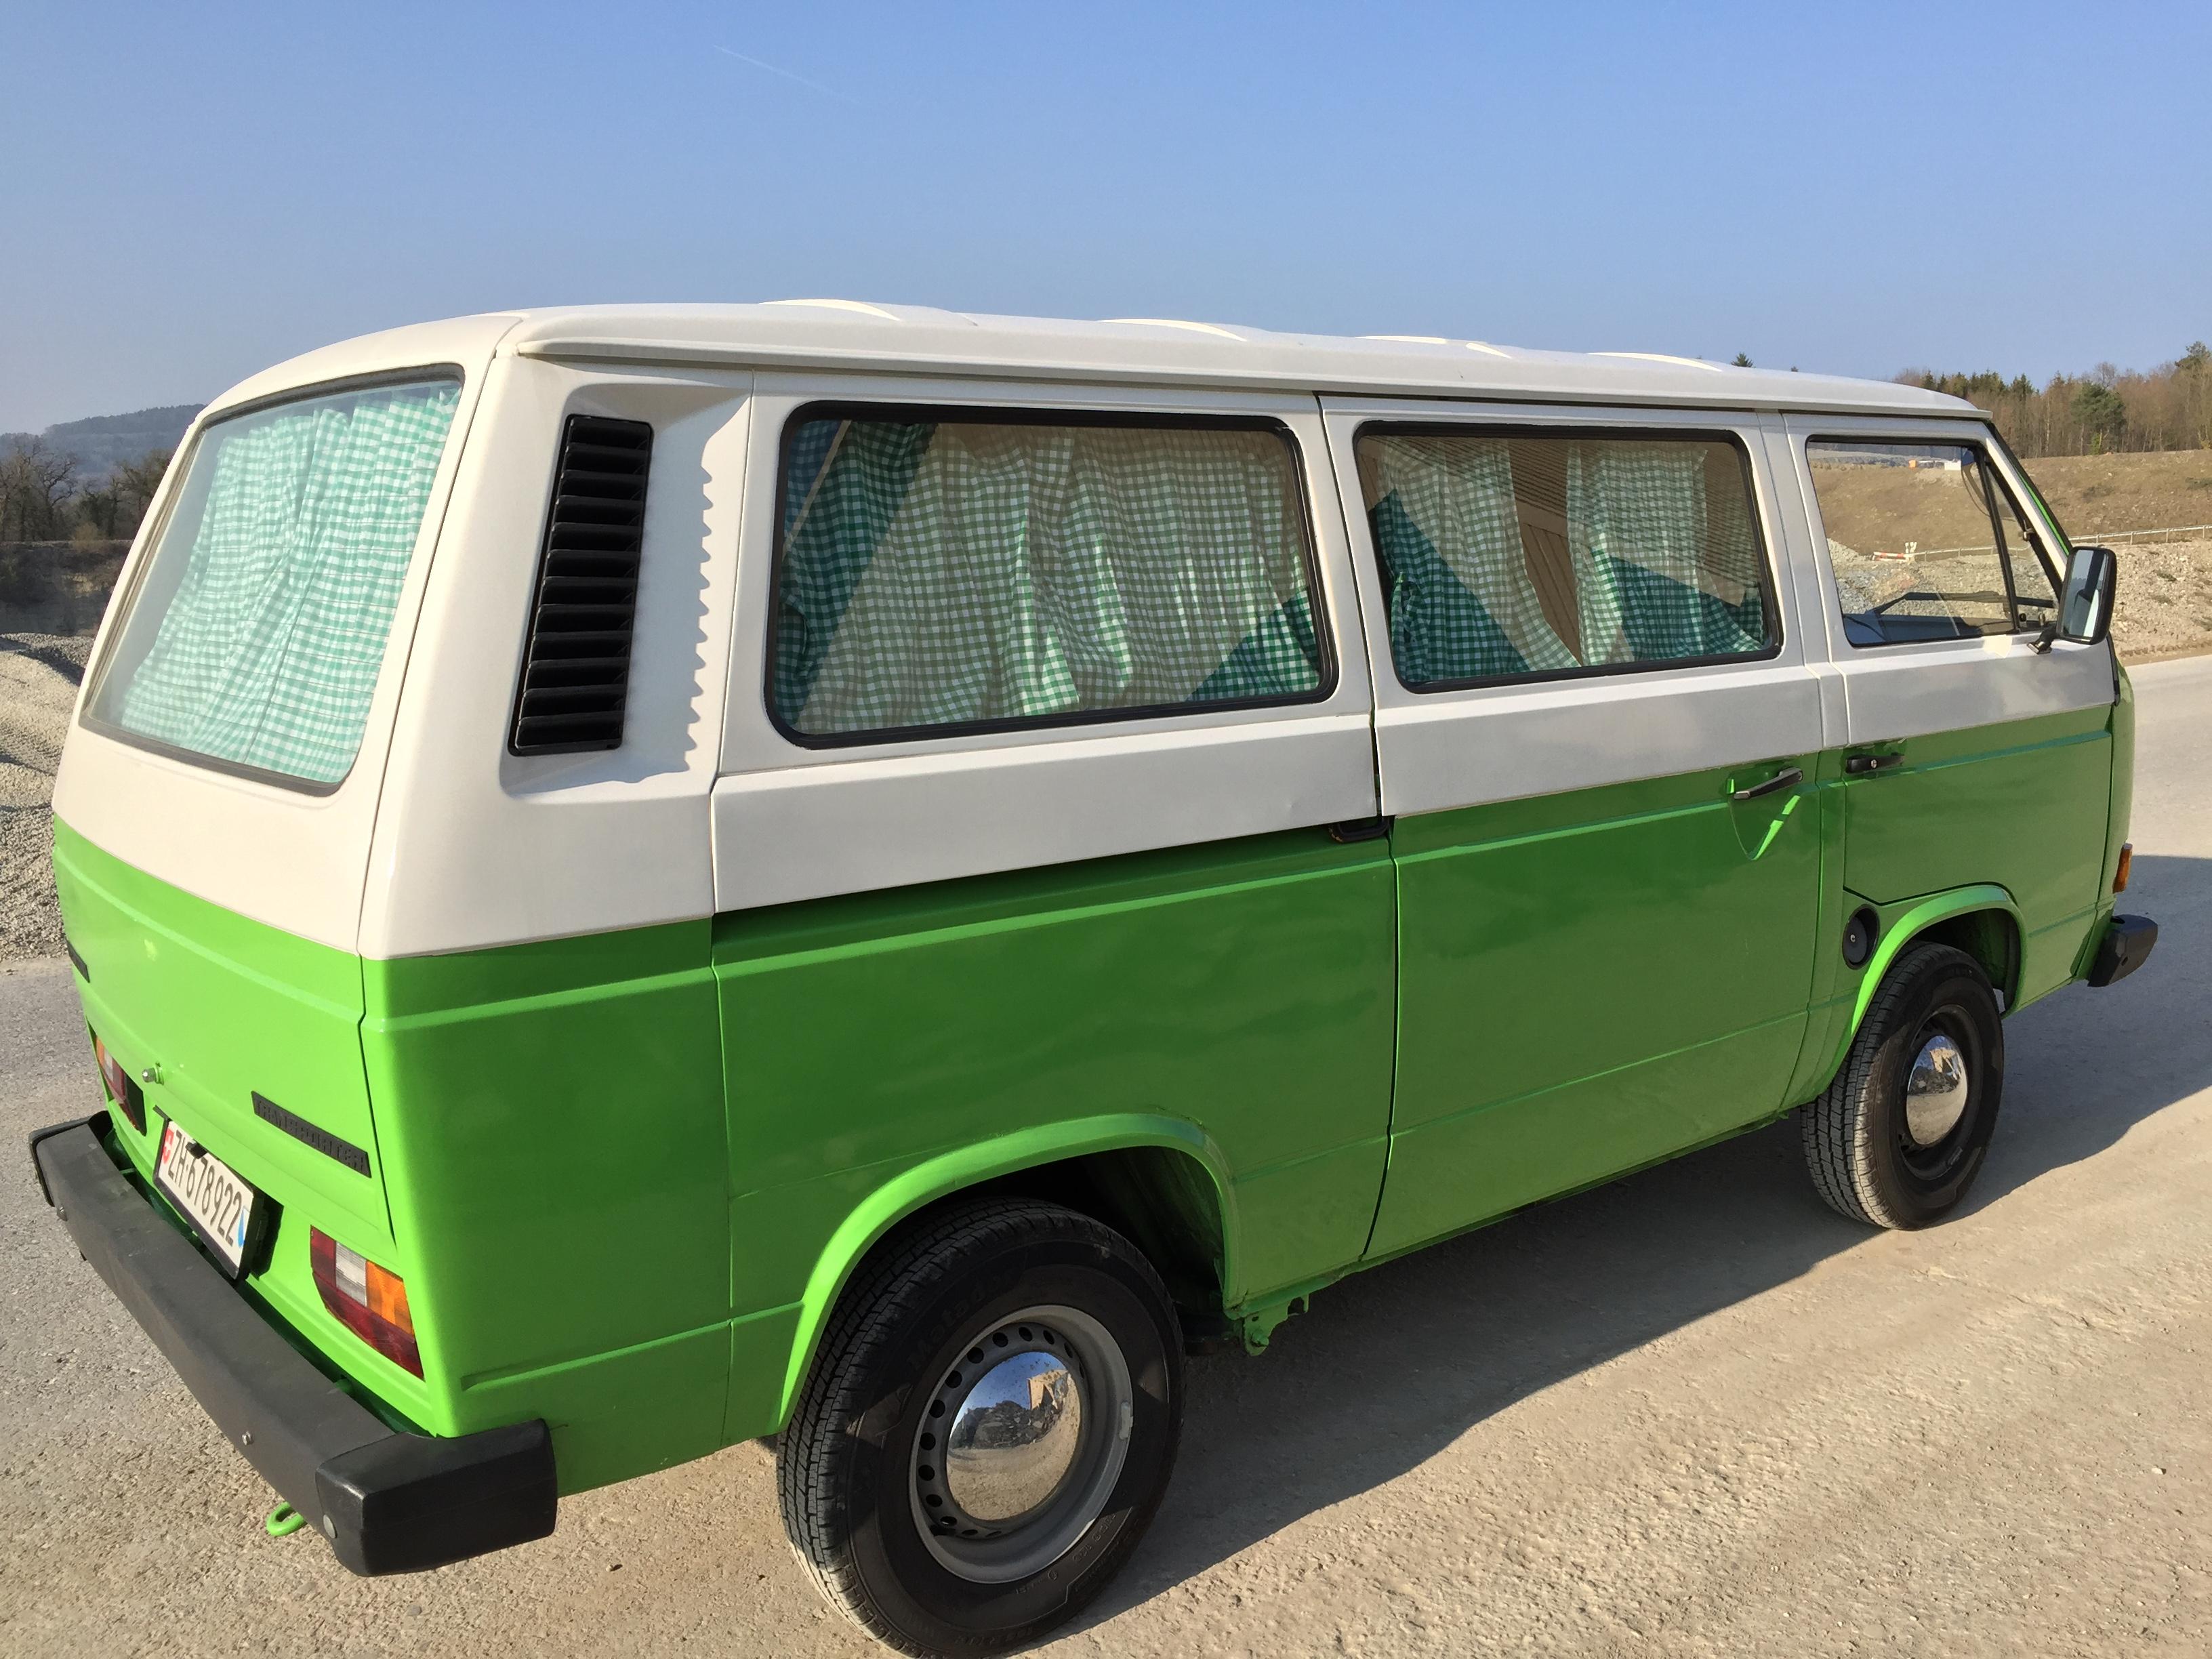 Der grüne Bus